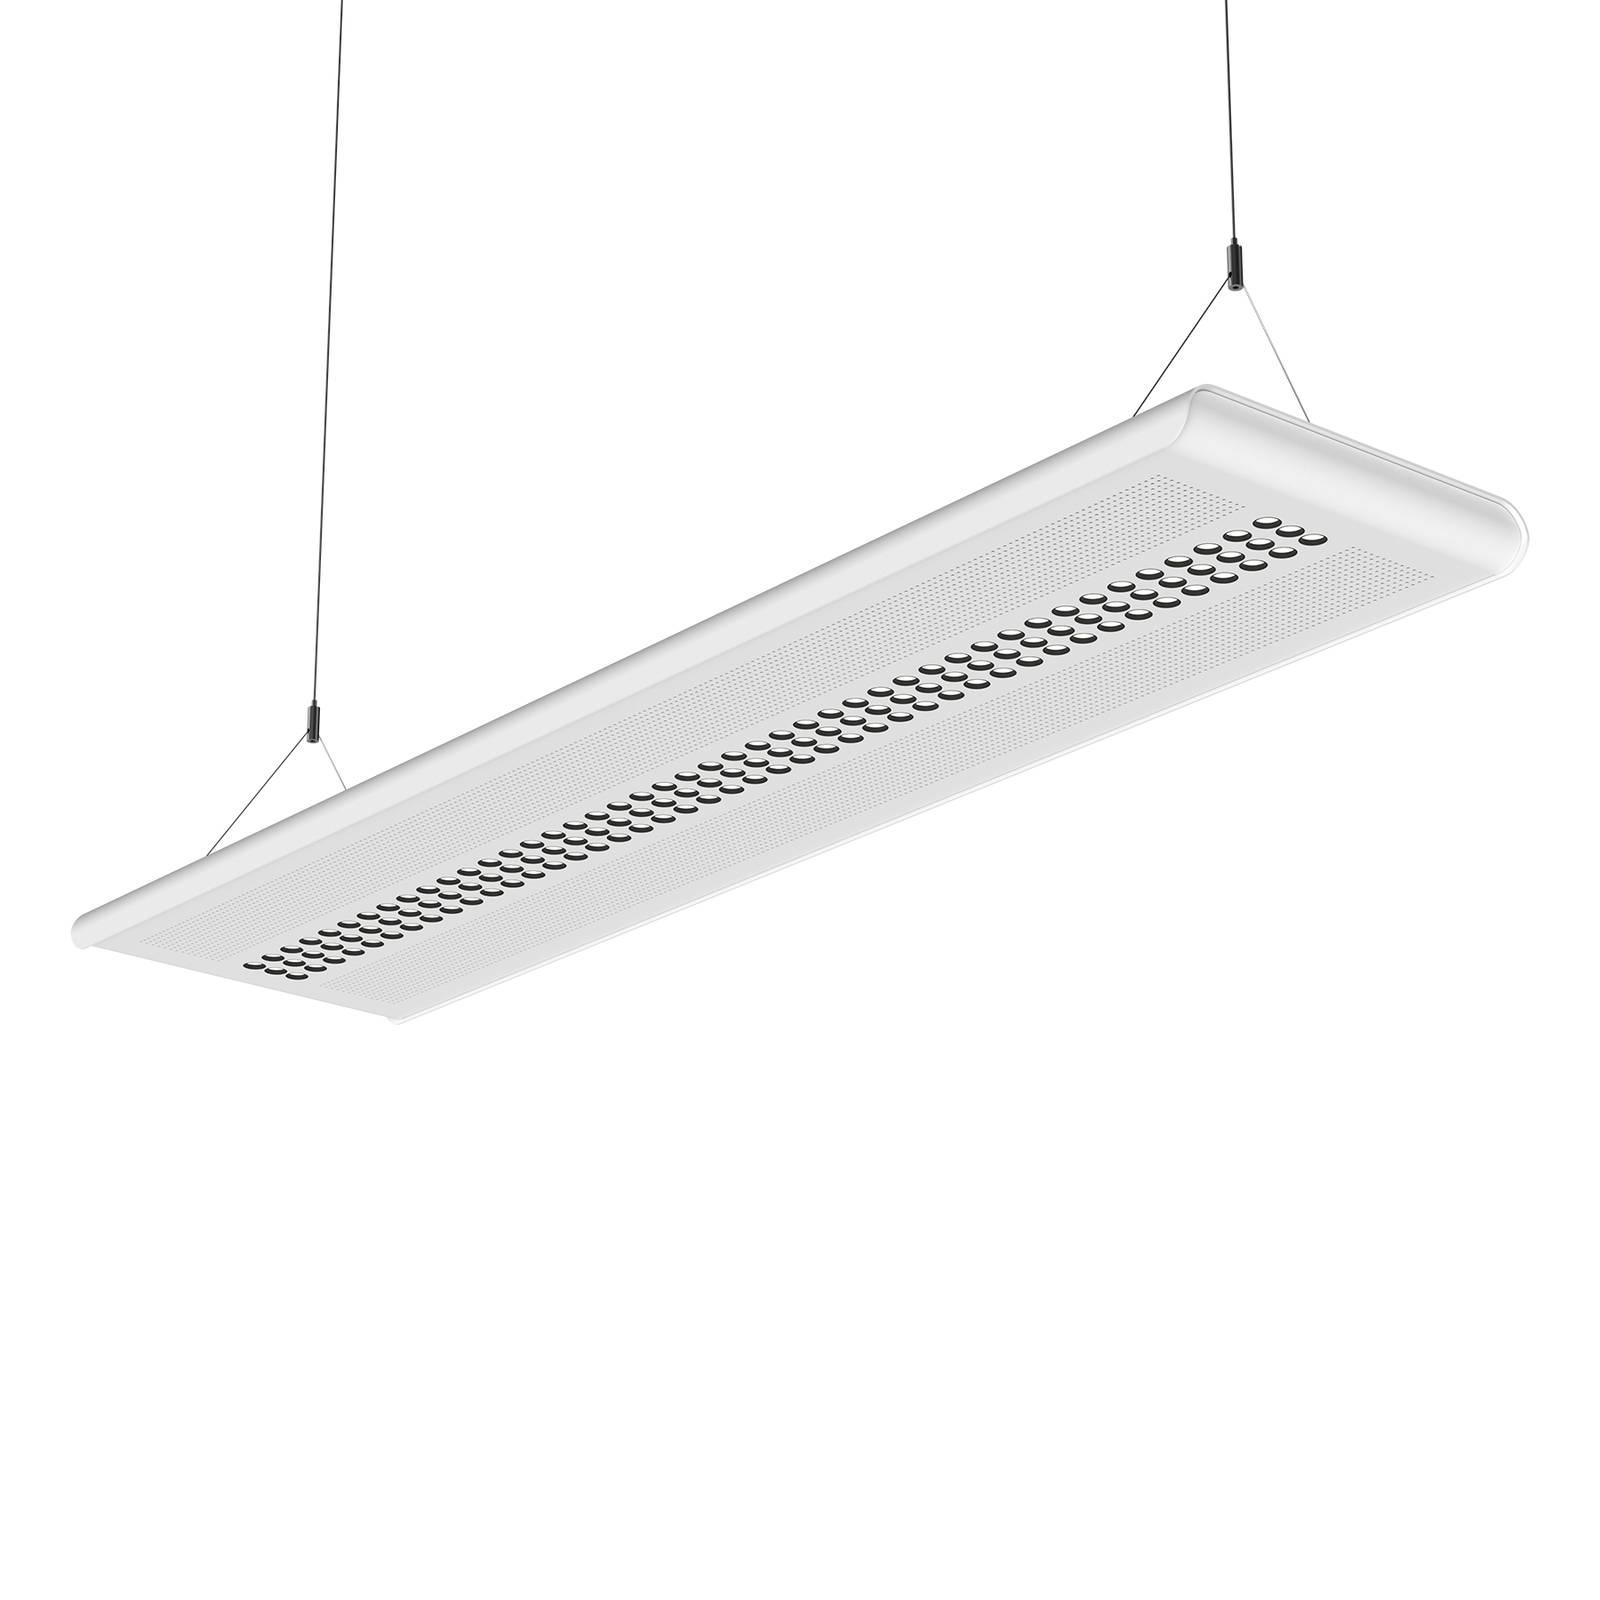 LED-Hängeleuchte Optico weiß DALI 840 115,8W